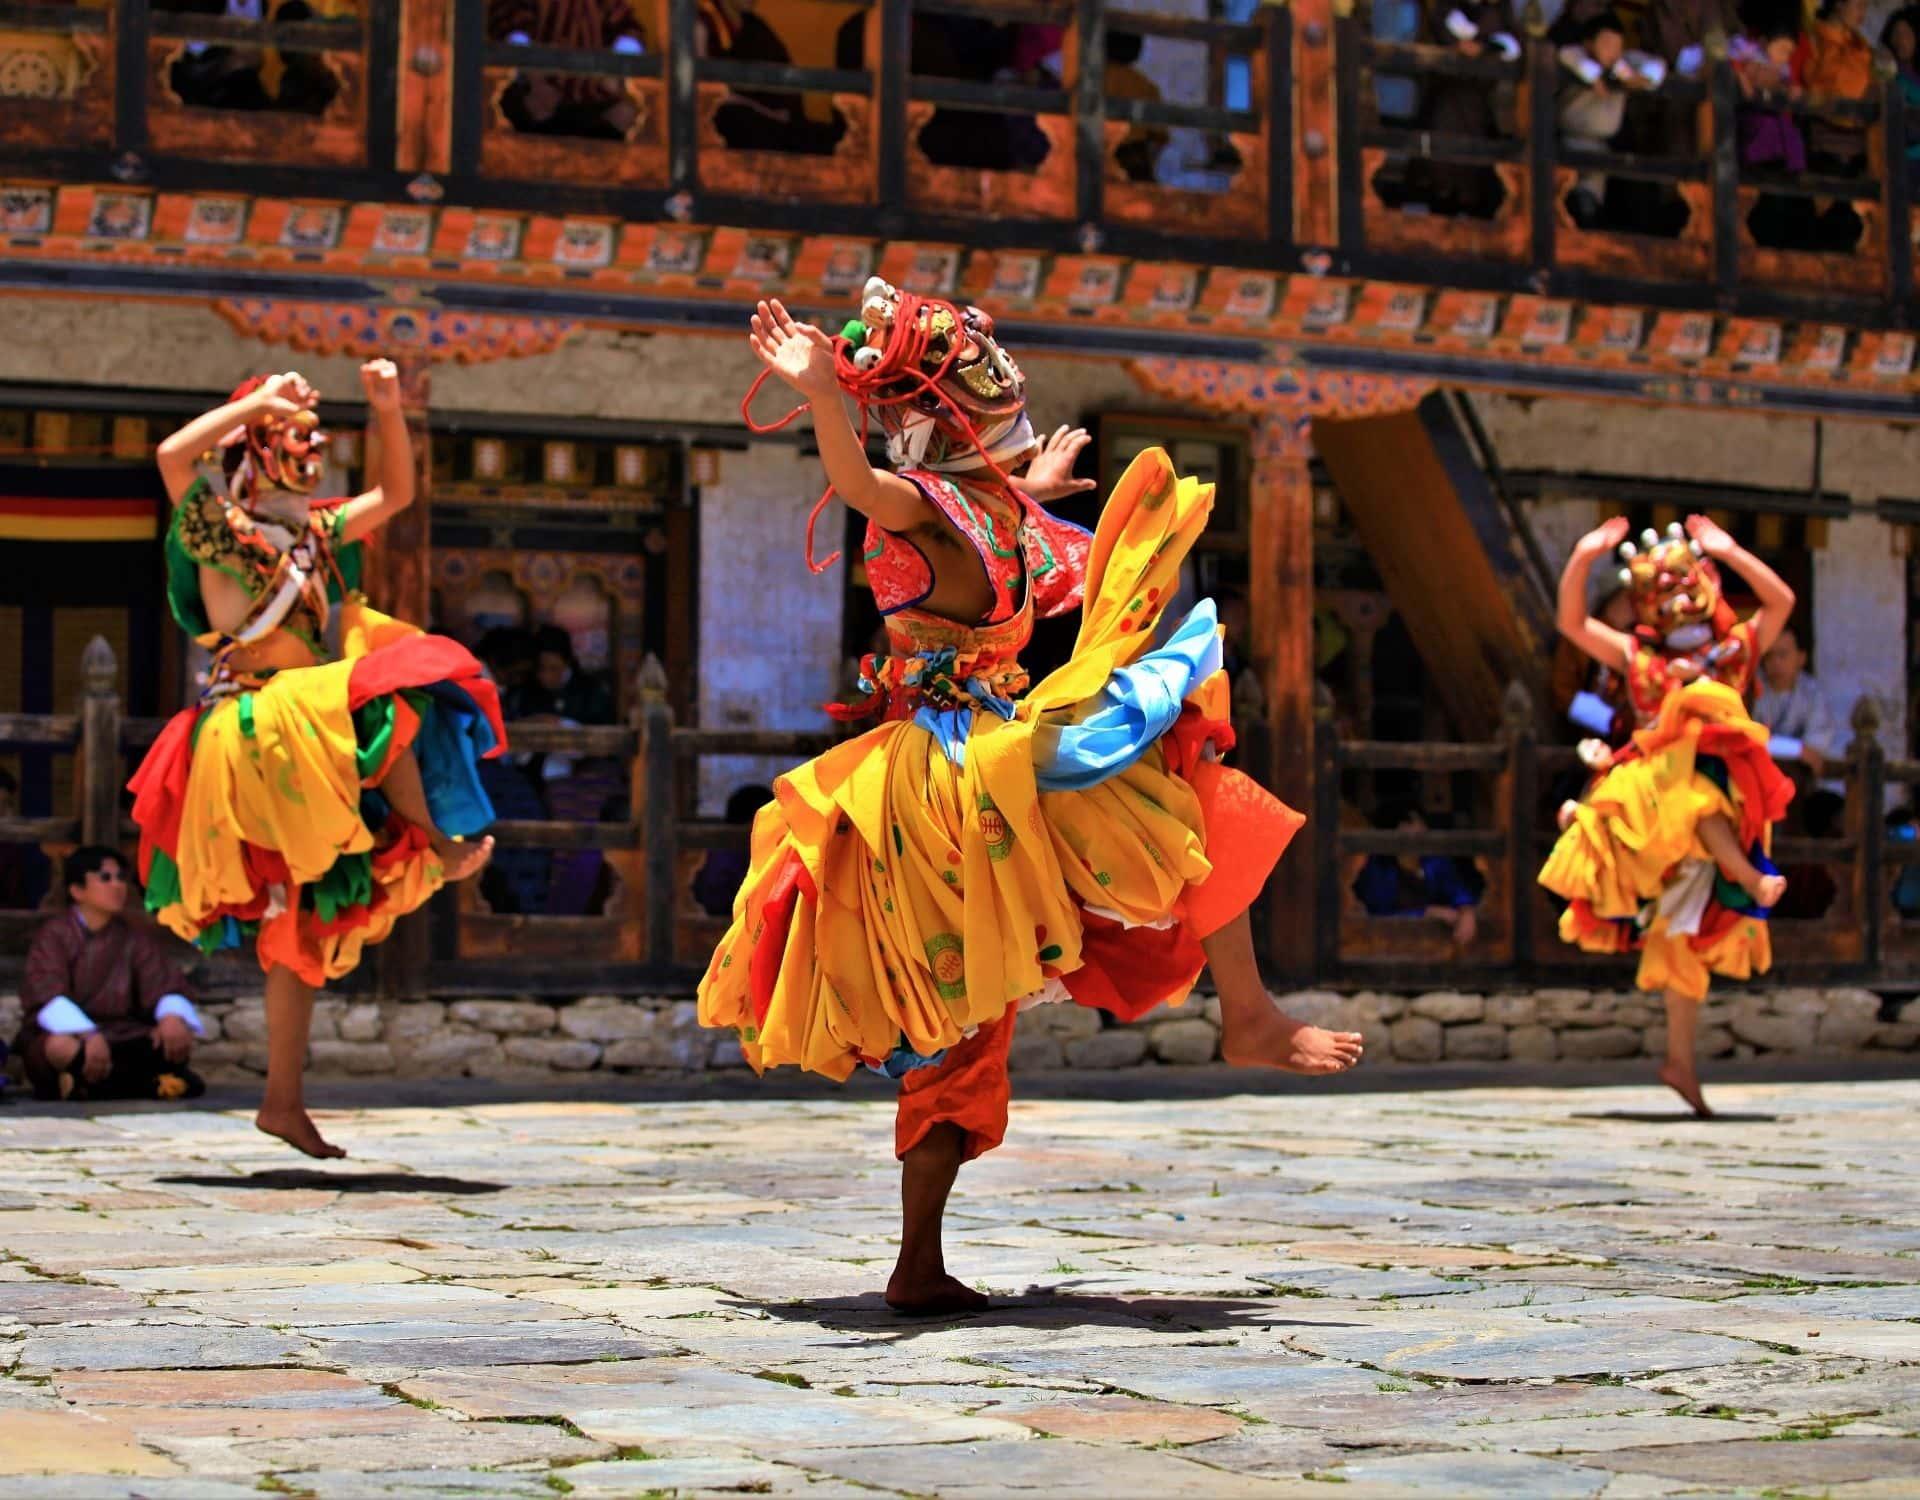 bhutan glücksindex tanzen menschen maske